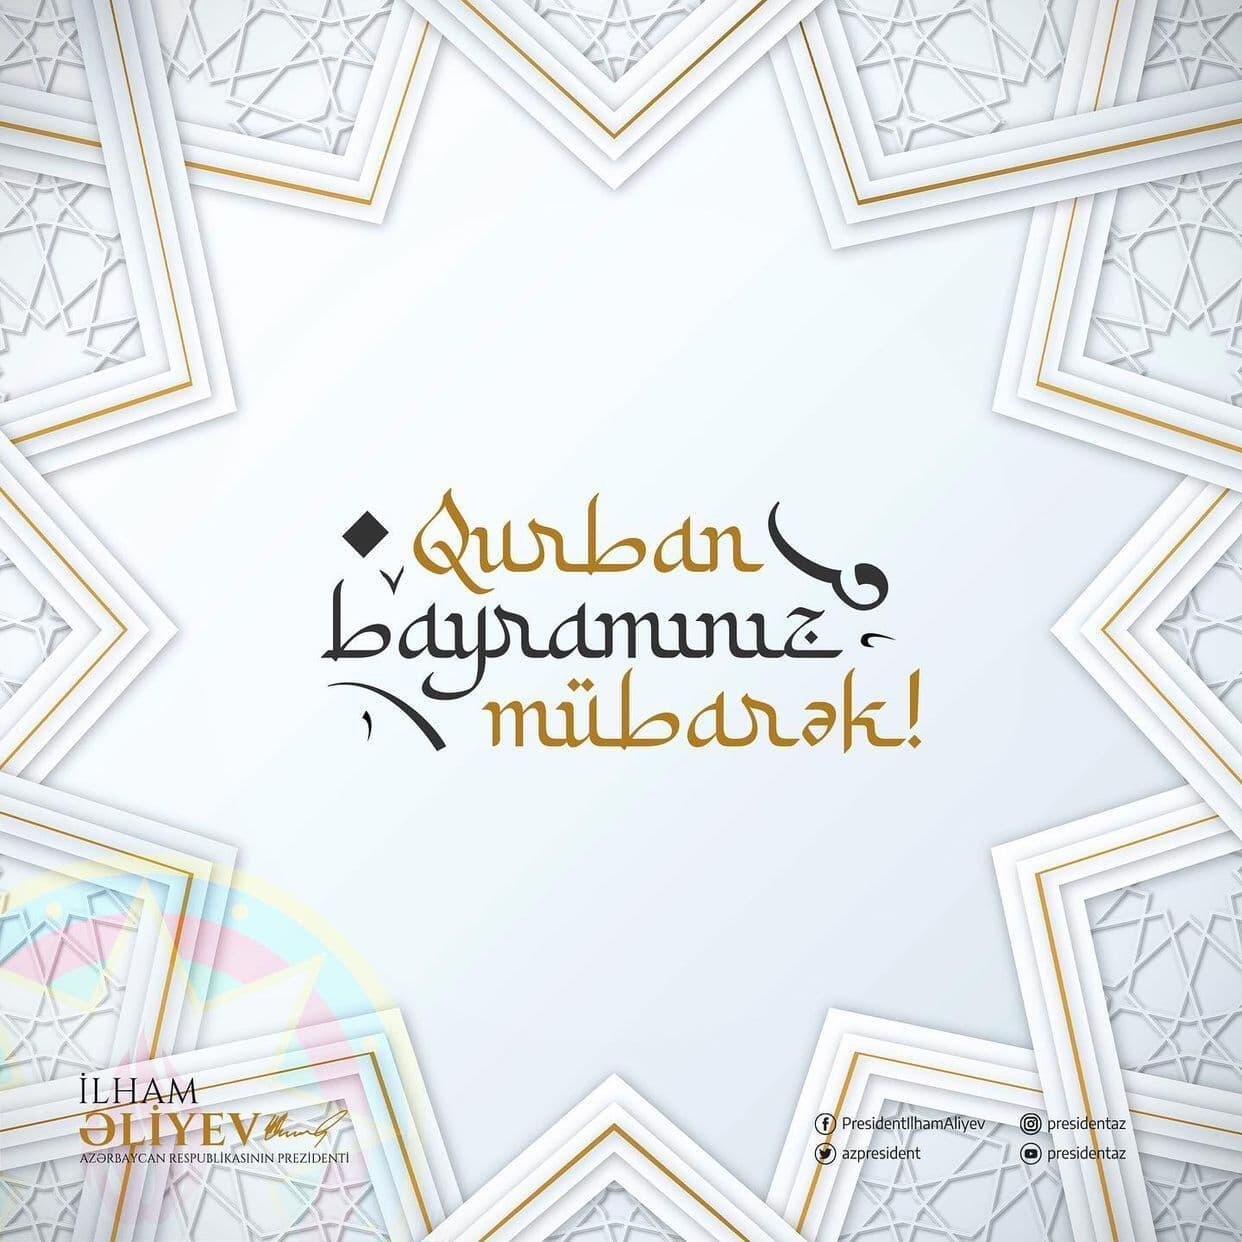 На официальной странице Президента Ильхама Алиева в Twitter размещена публикация в связи с Гурбан байрамы